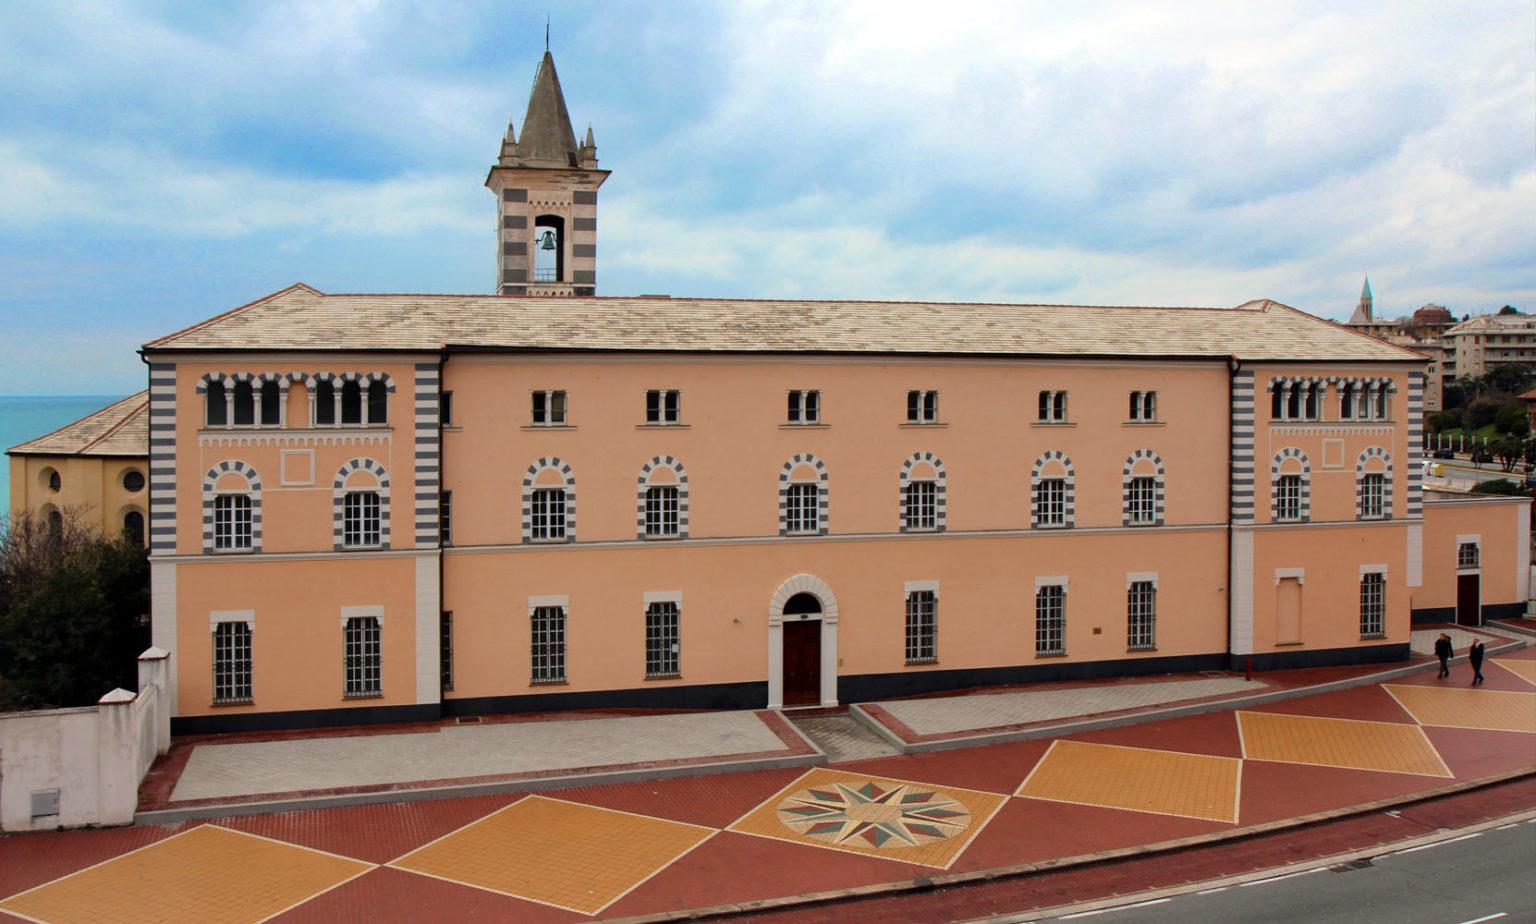 A Genova sorgerà un museo dedicato ai cantautori liguri, nell'abbazia di San Giuliano